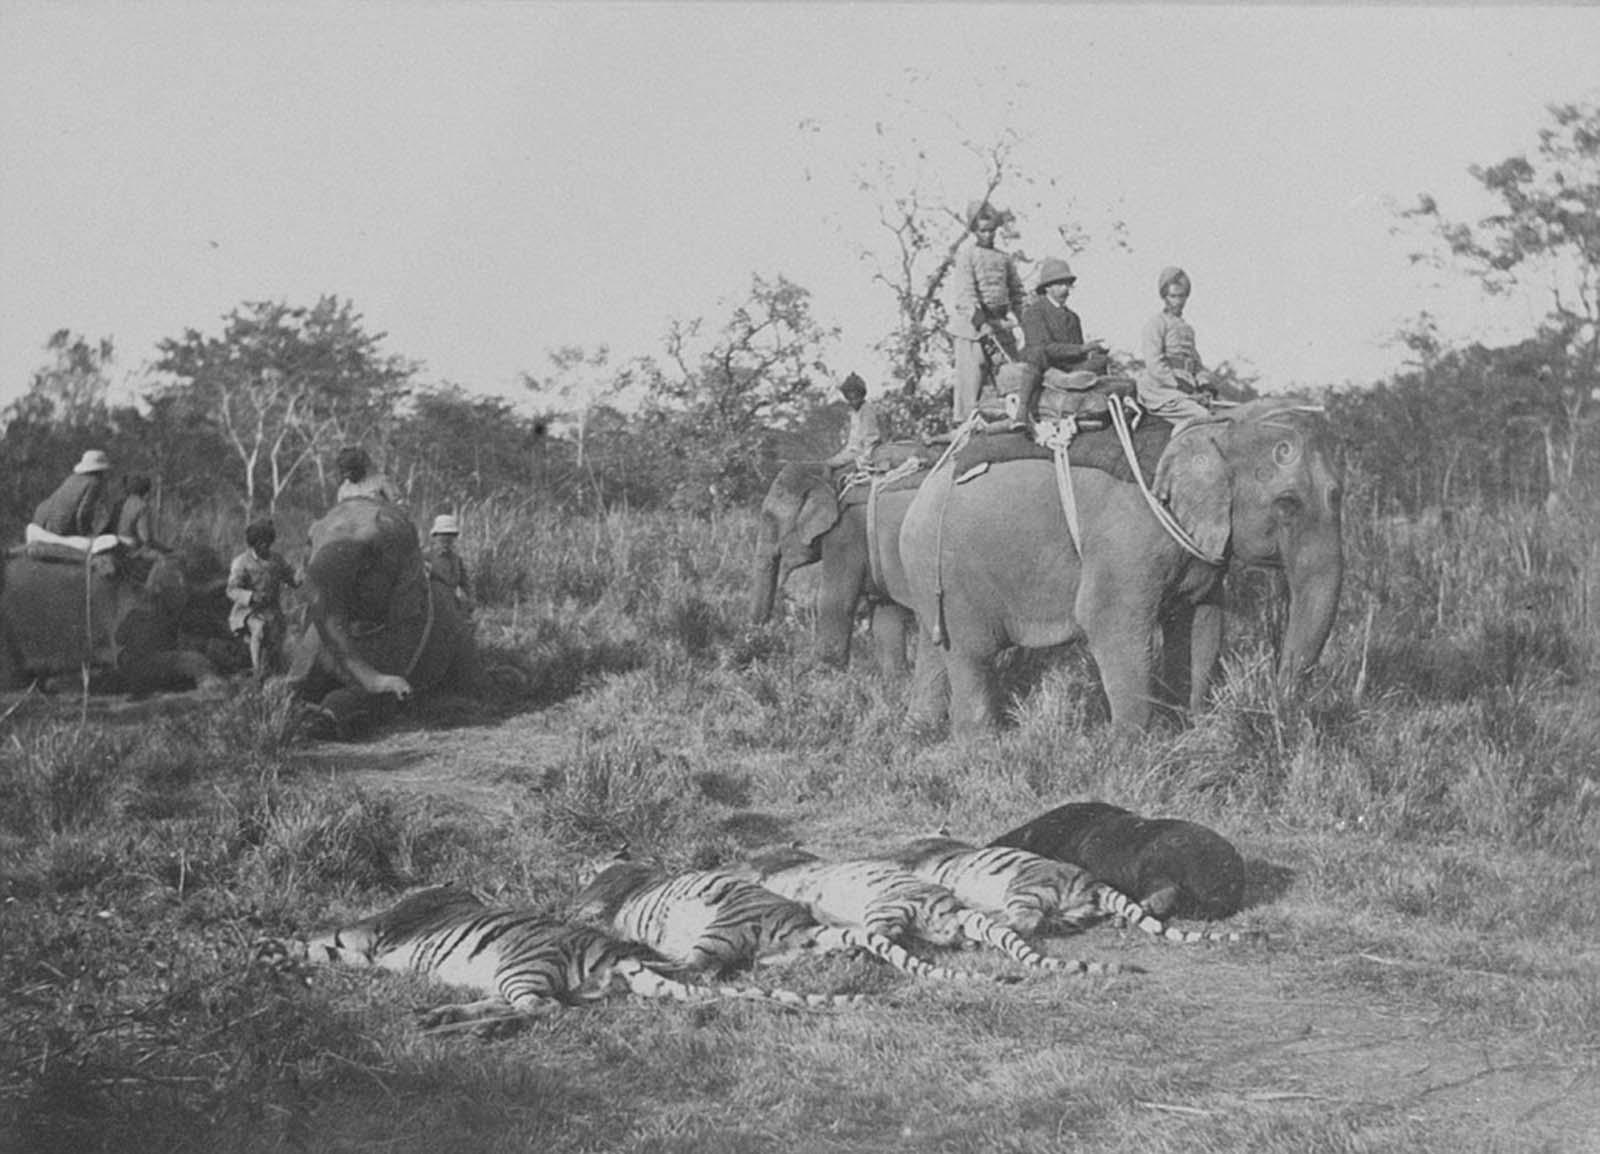 Em 1911 a realeza britânica foi à Índia para ser coroada e aproveitou para caçar 27